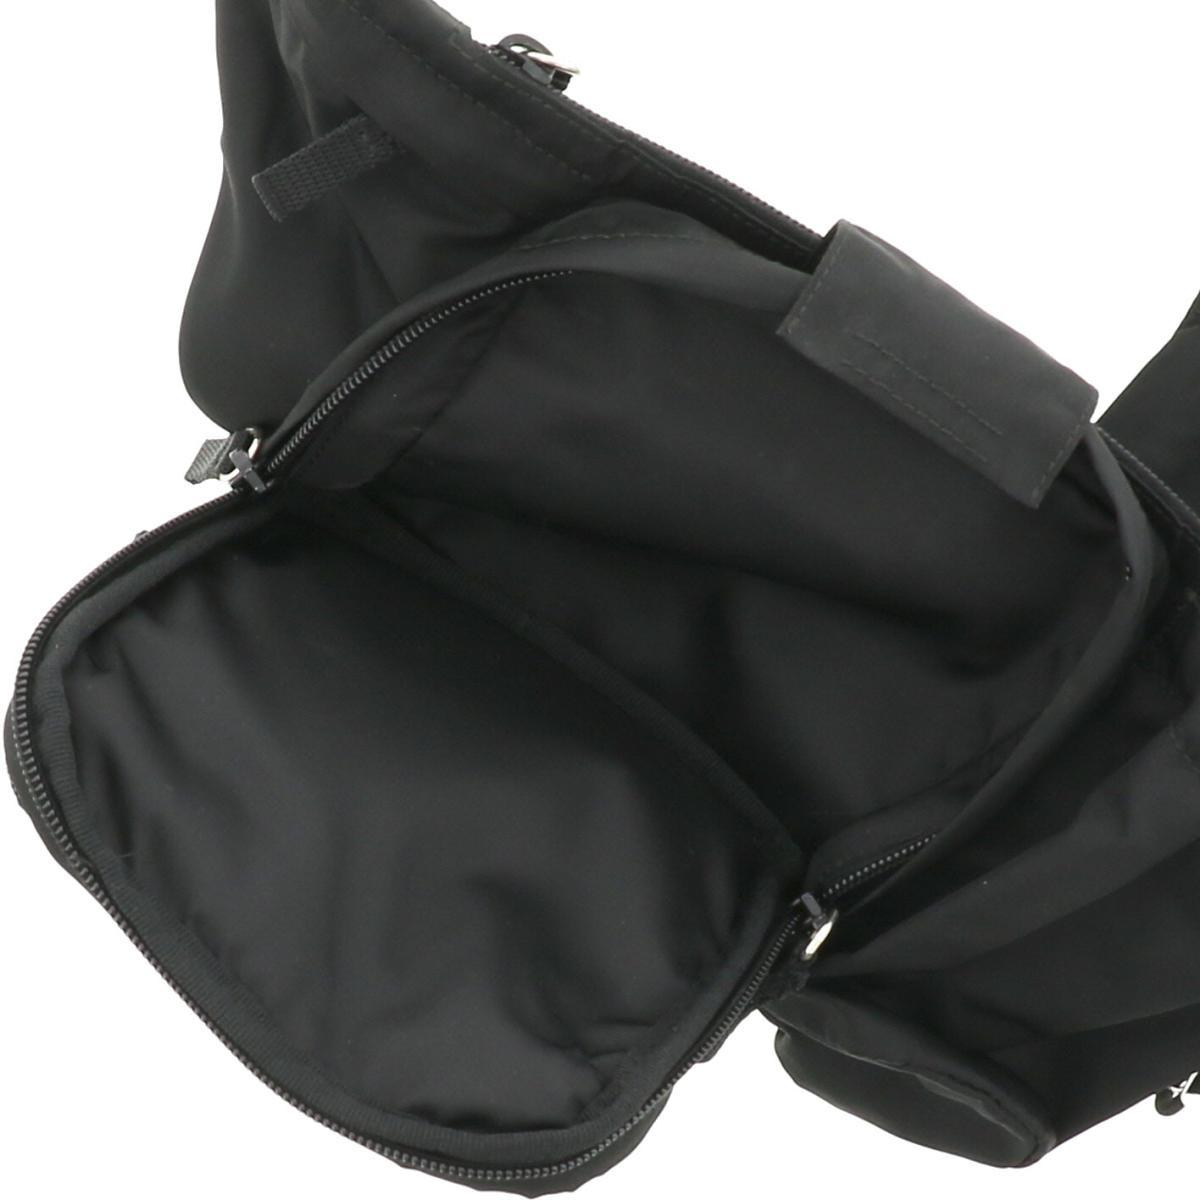 【即日発送・水曜定休日・木曜発送】【中古】【ユニセックス】【RI】 PRADA (プラダ) テスート モンタナ ウエストバッグ バッグ ウェスト/ボディバッグ  Black/ブラック VA0056 used:B